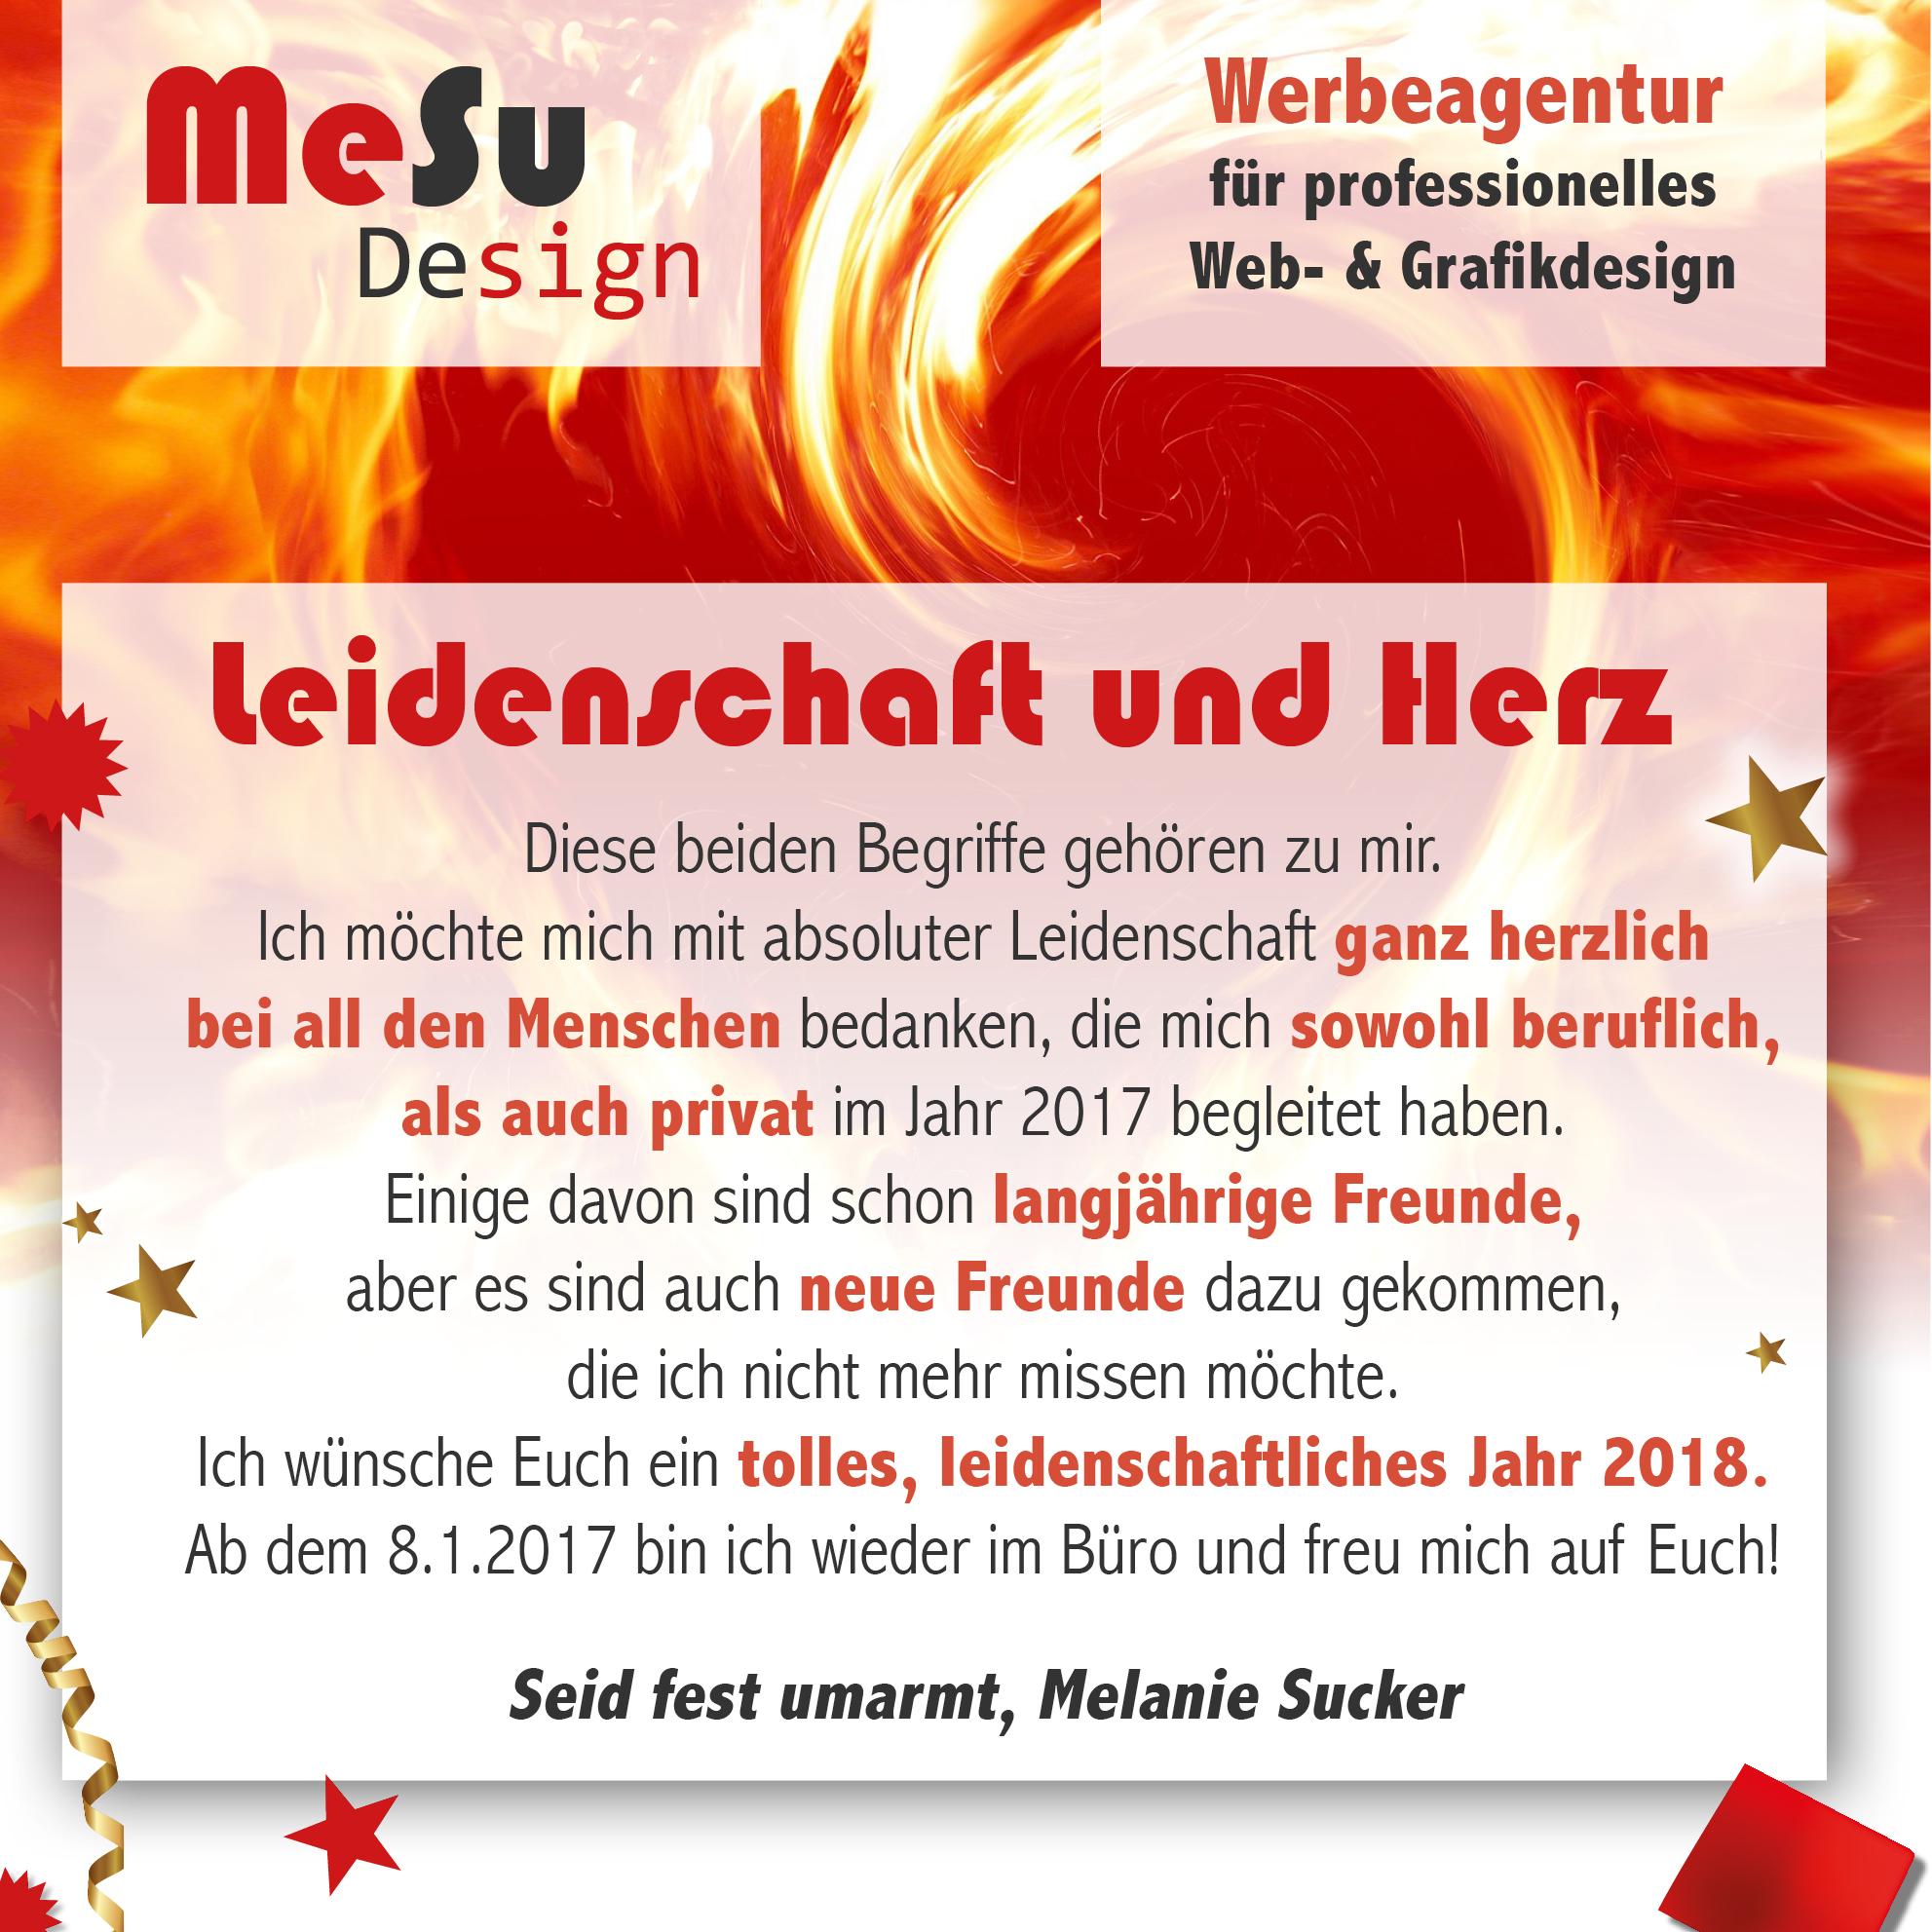 Weihnachten und die Zeit zwischen den Jahren | Werbeagentur für ...